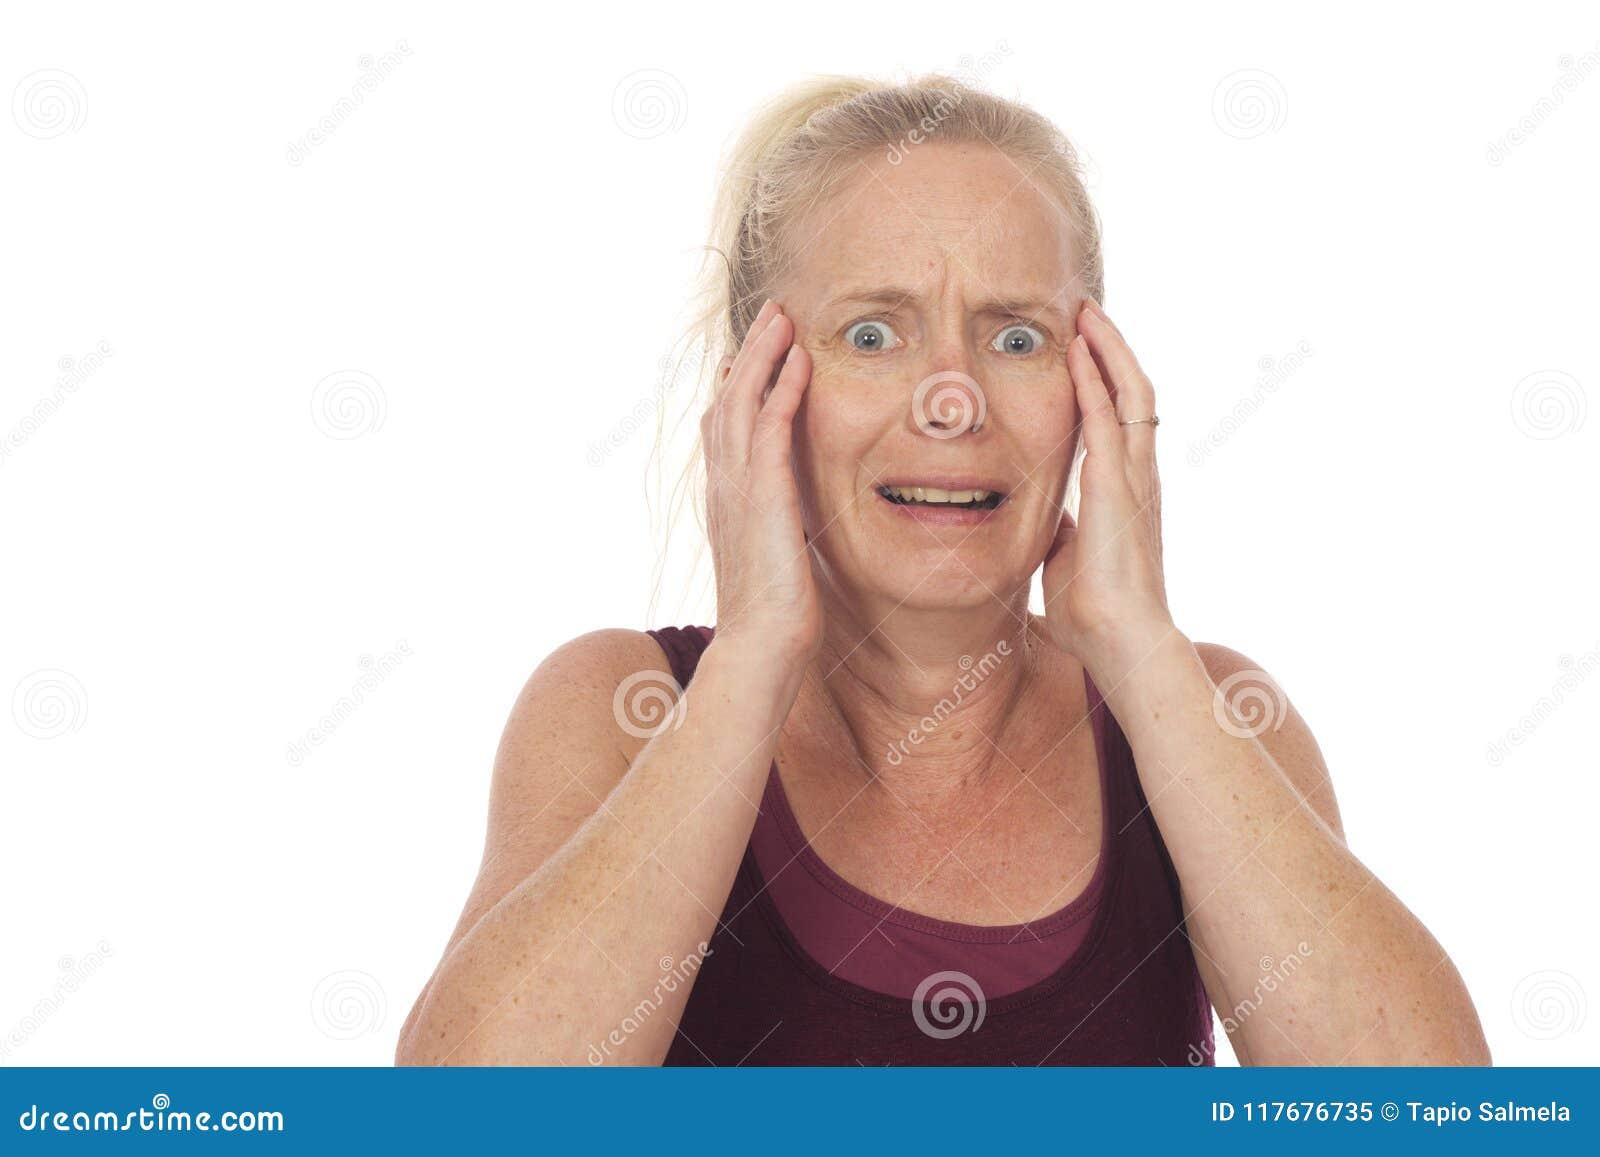 Bilder von ängstlichen Gesichtsausdrücken, Sexy molliges Bauernmädchen gefickt